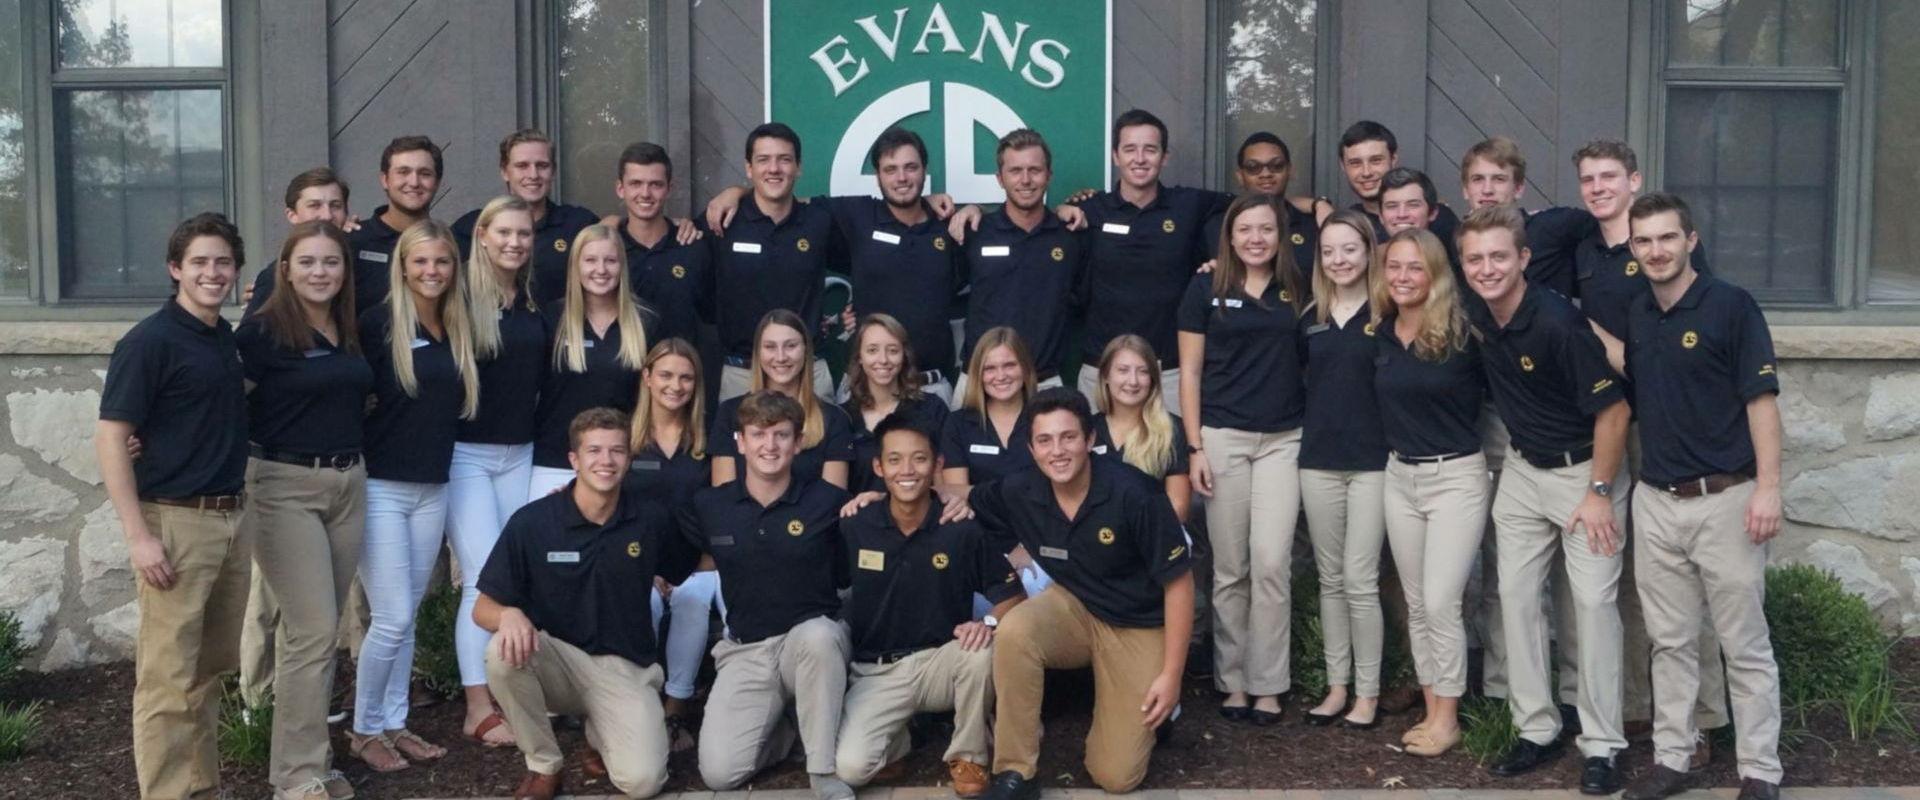 evans-scholars-house-columbia-800